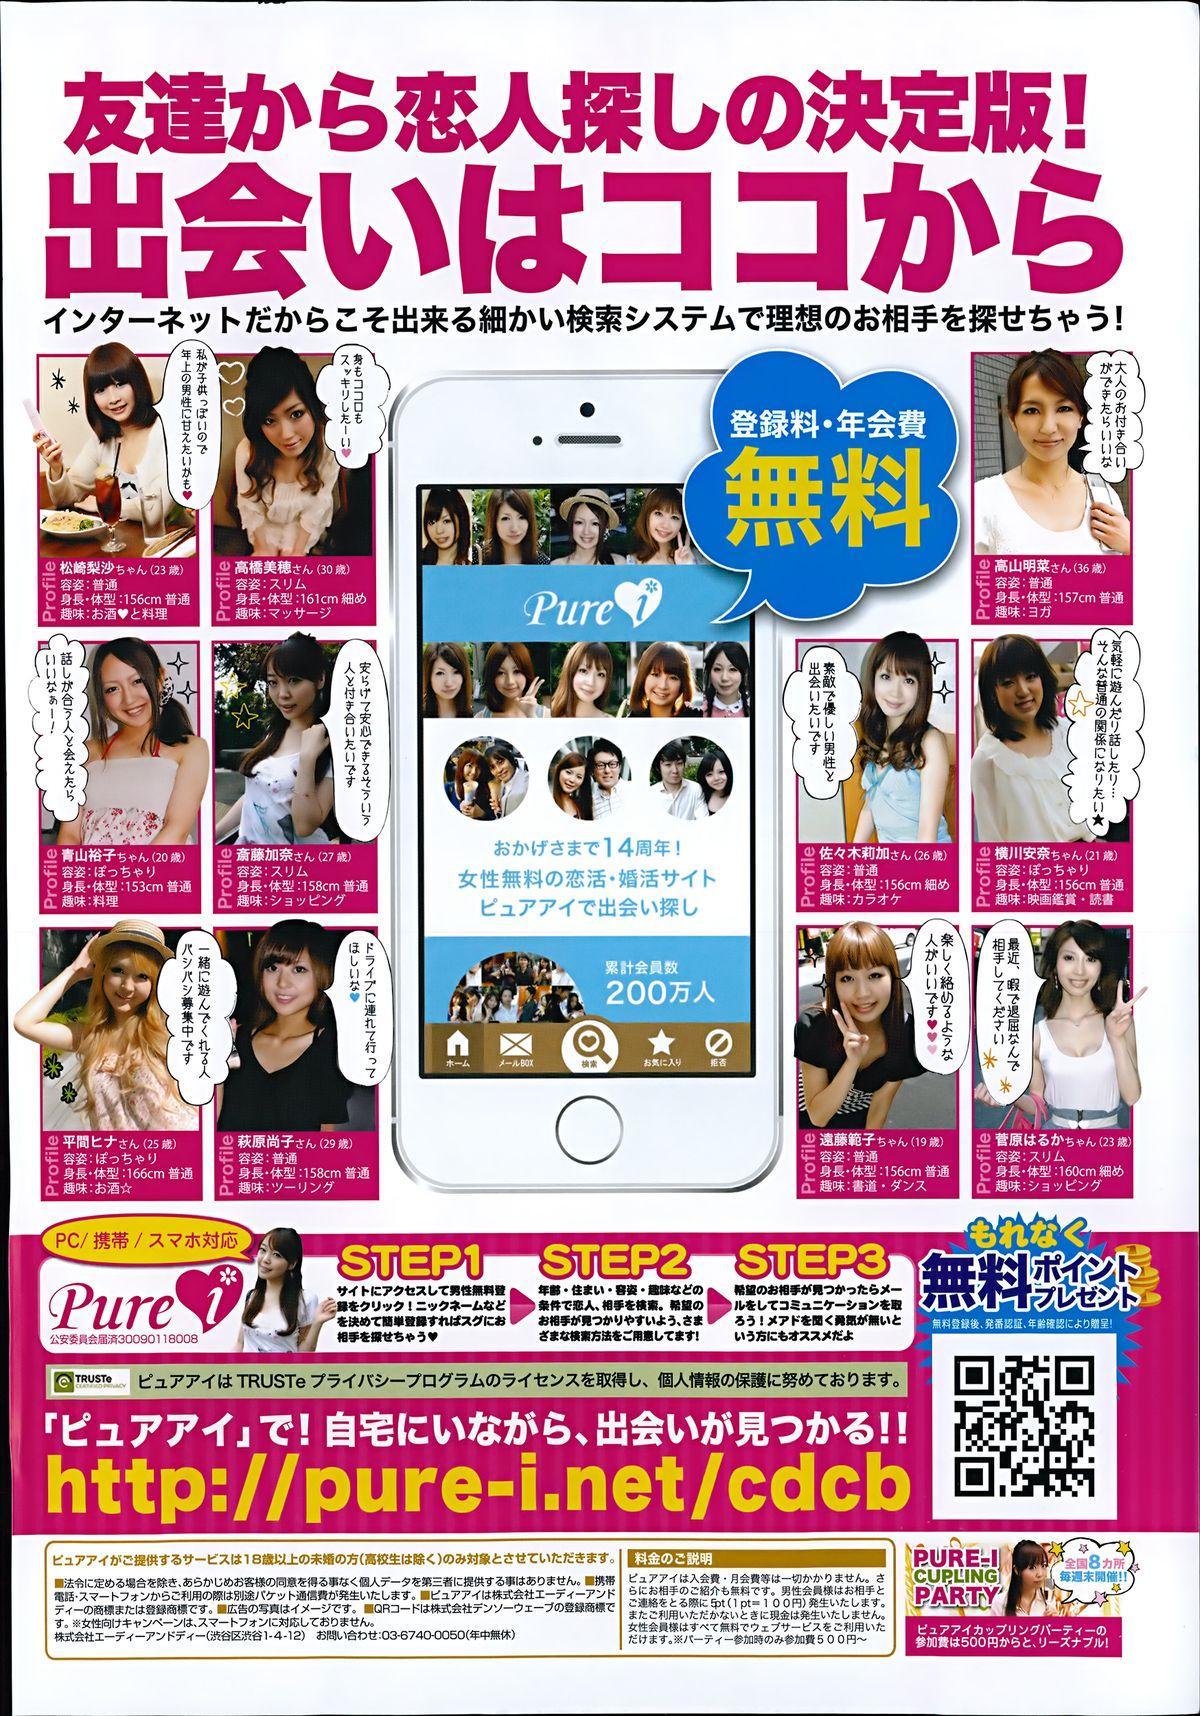 COMIC Tenma 2014-09 15